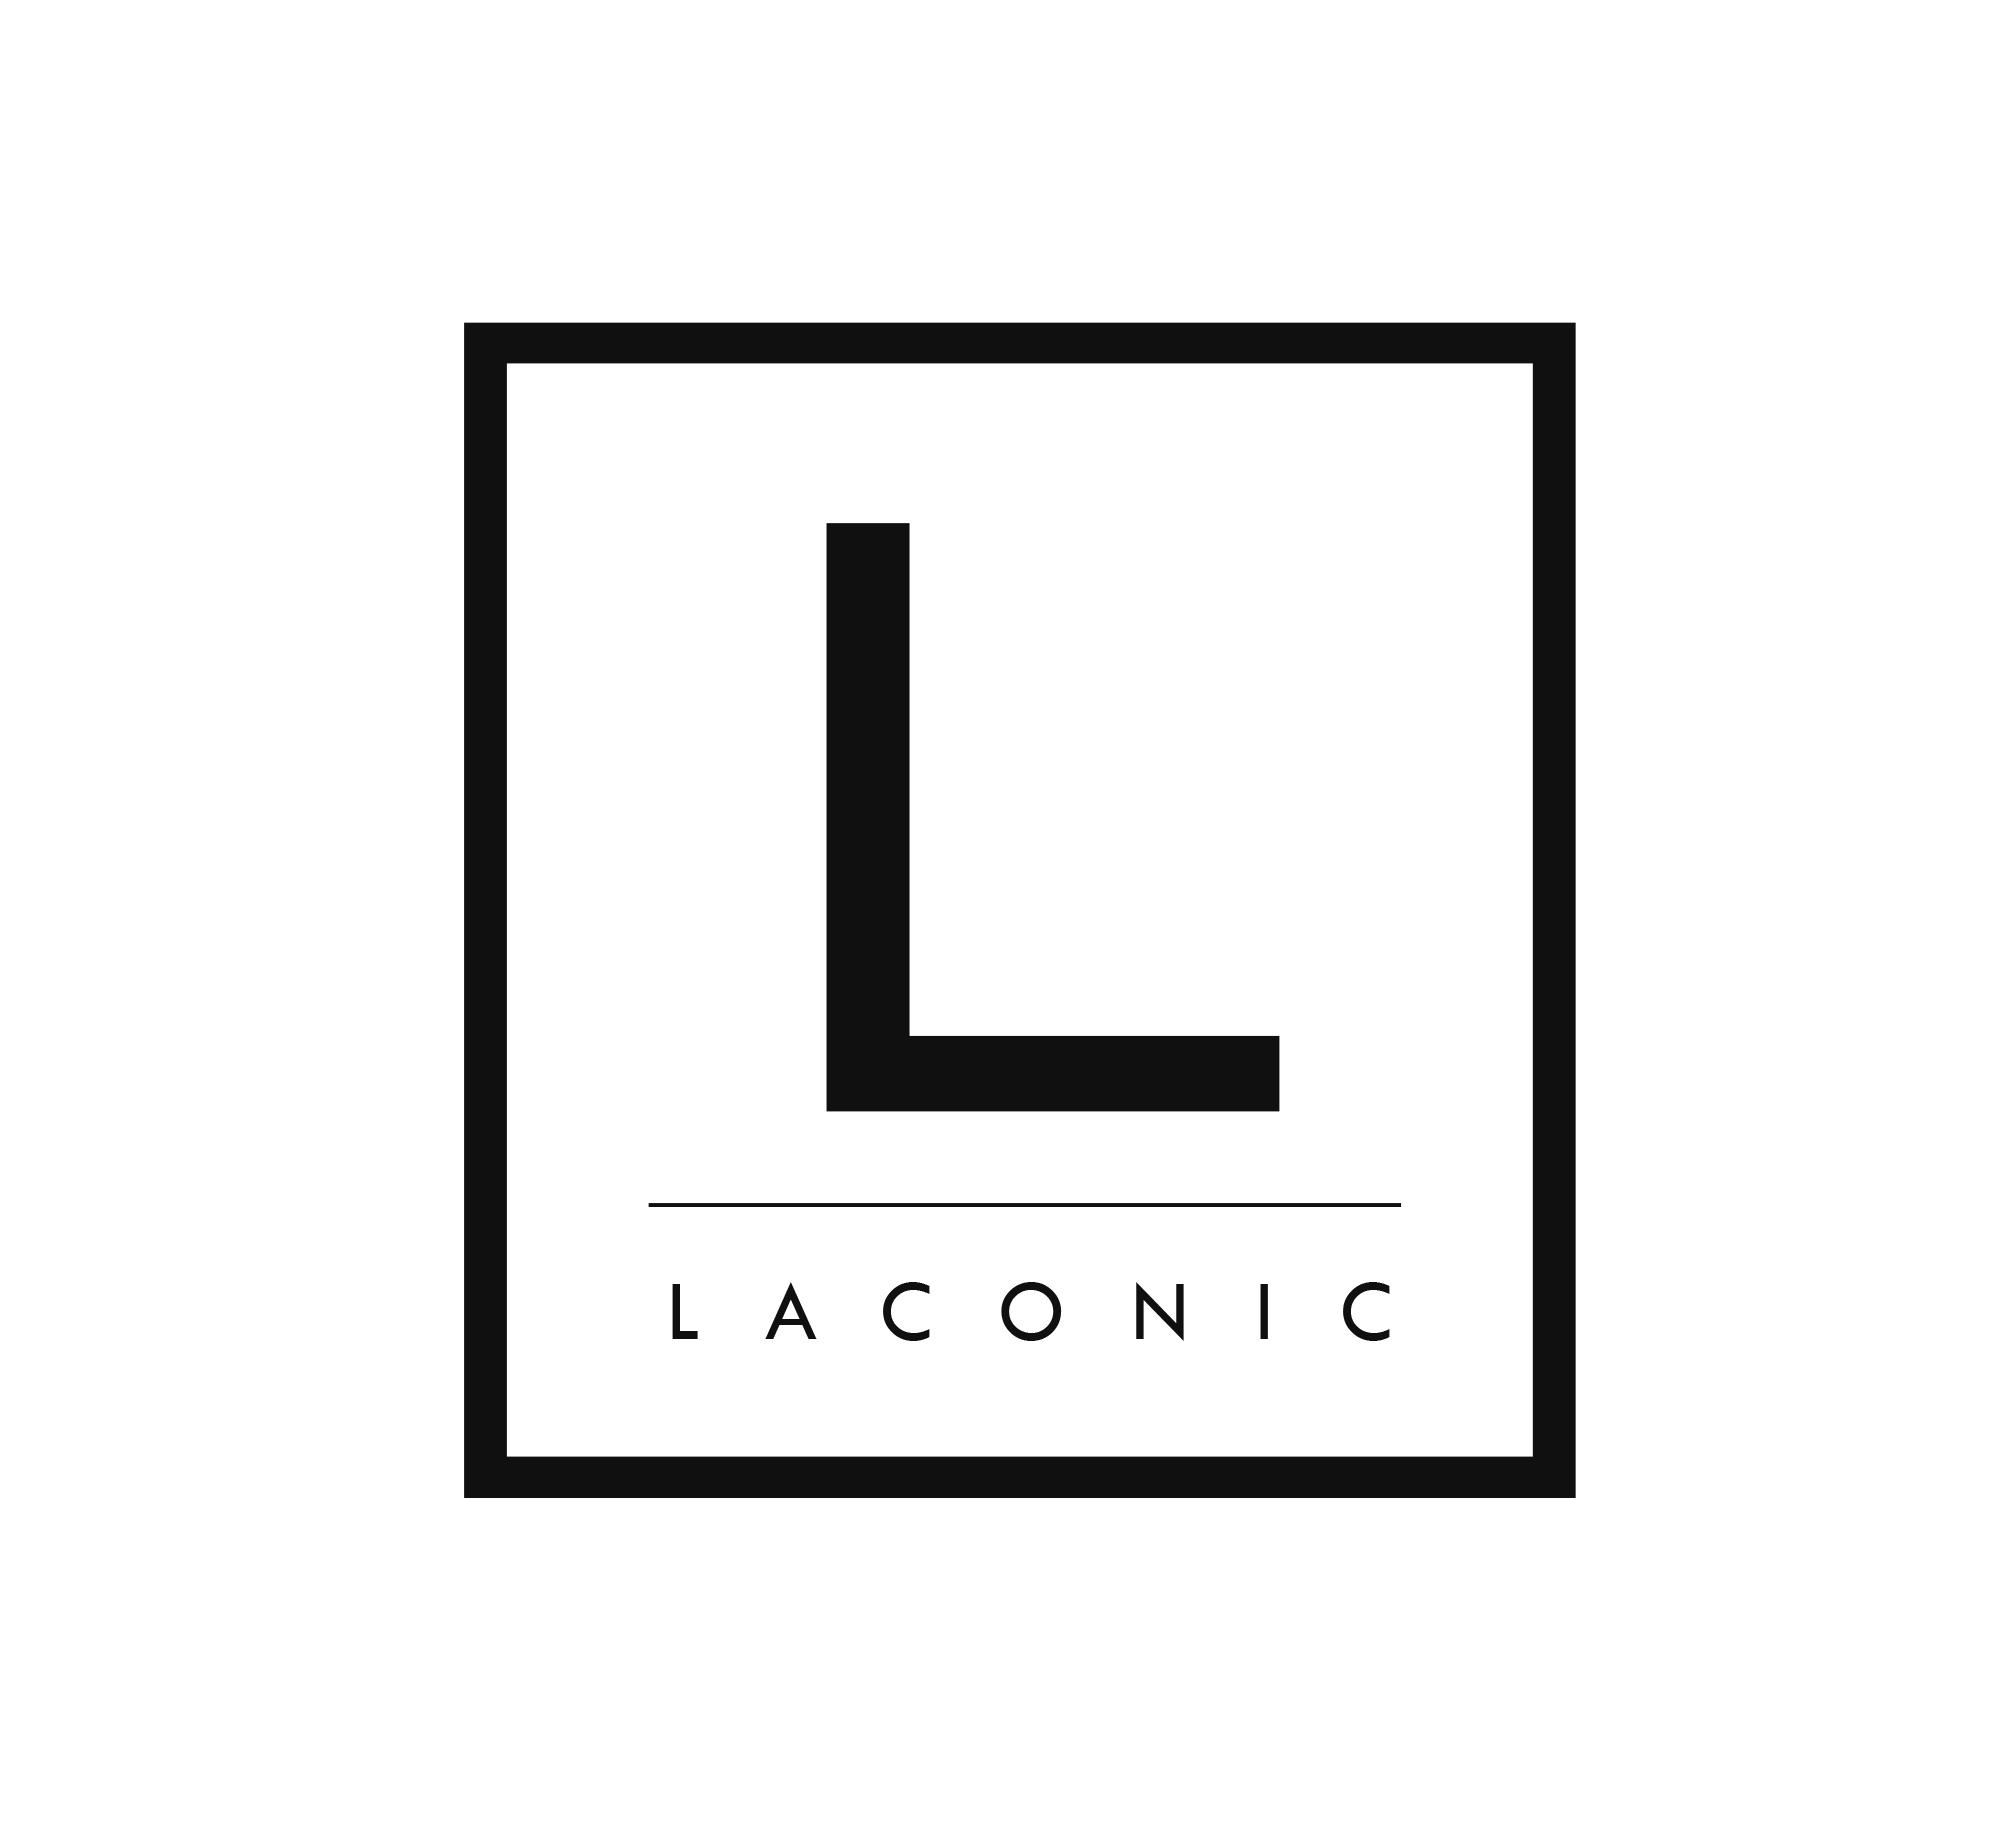 Laconic Style